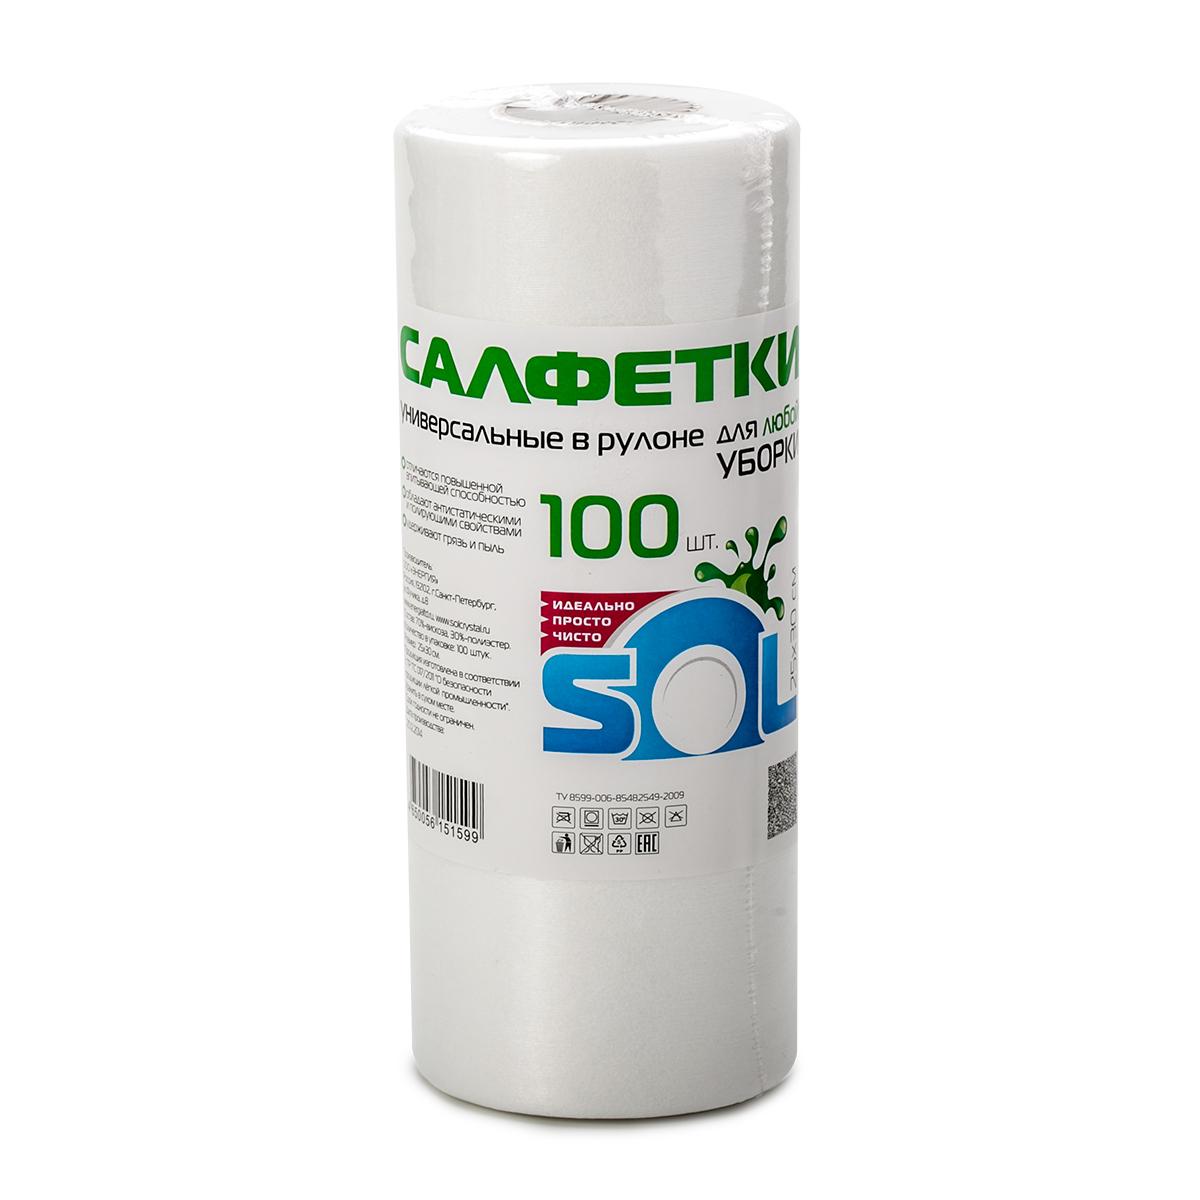 Салфетка для уборки Sol, в рулоне, 25 x 30 см, 100 шт10503Салфетки для уборки Sol могут использоваться многократно и предназначены для мытья и протирания любых поверхностей. Выполнены из вискозы и полиэстера. Салфетки прекрасно поглощают пыль и влагу, не оставляя разводов и ворсинок.